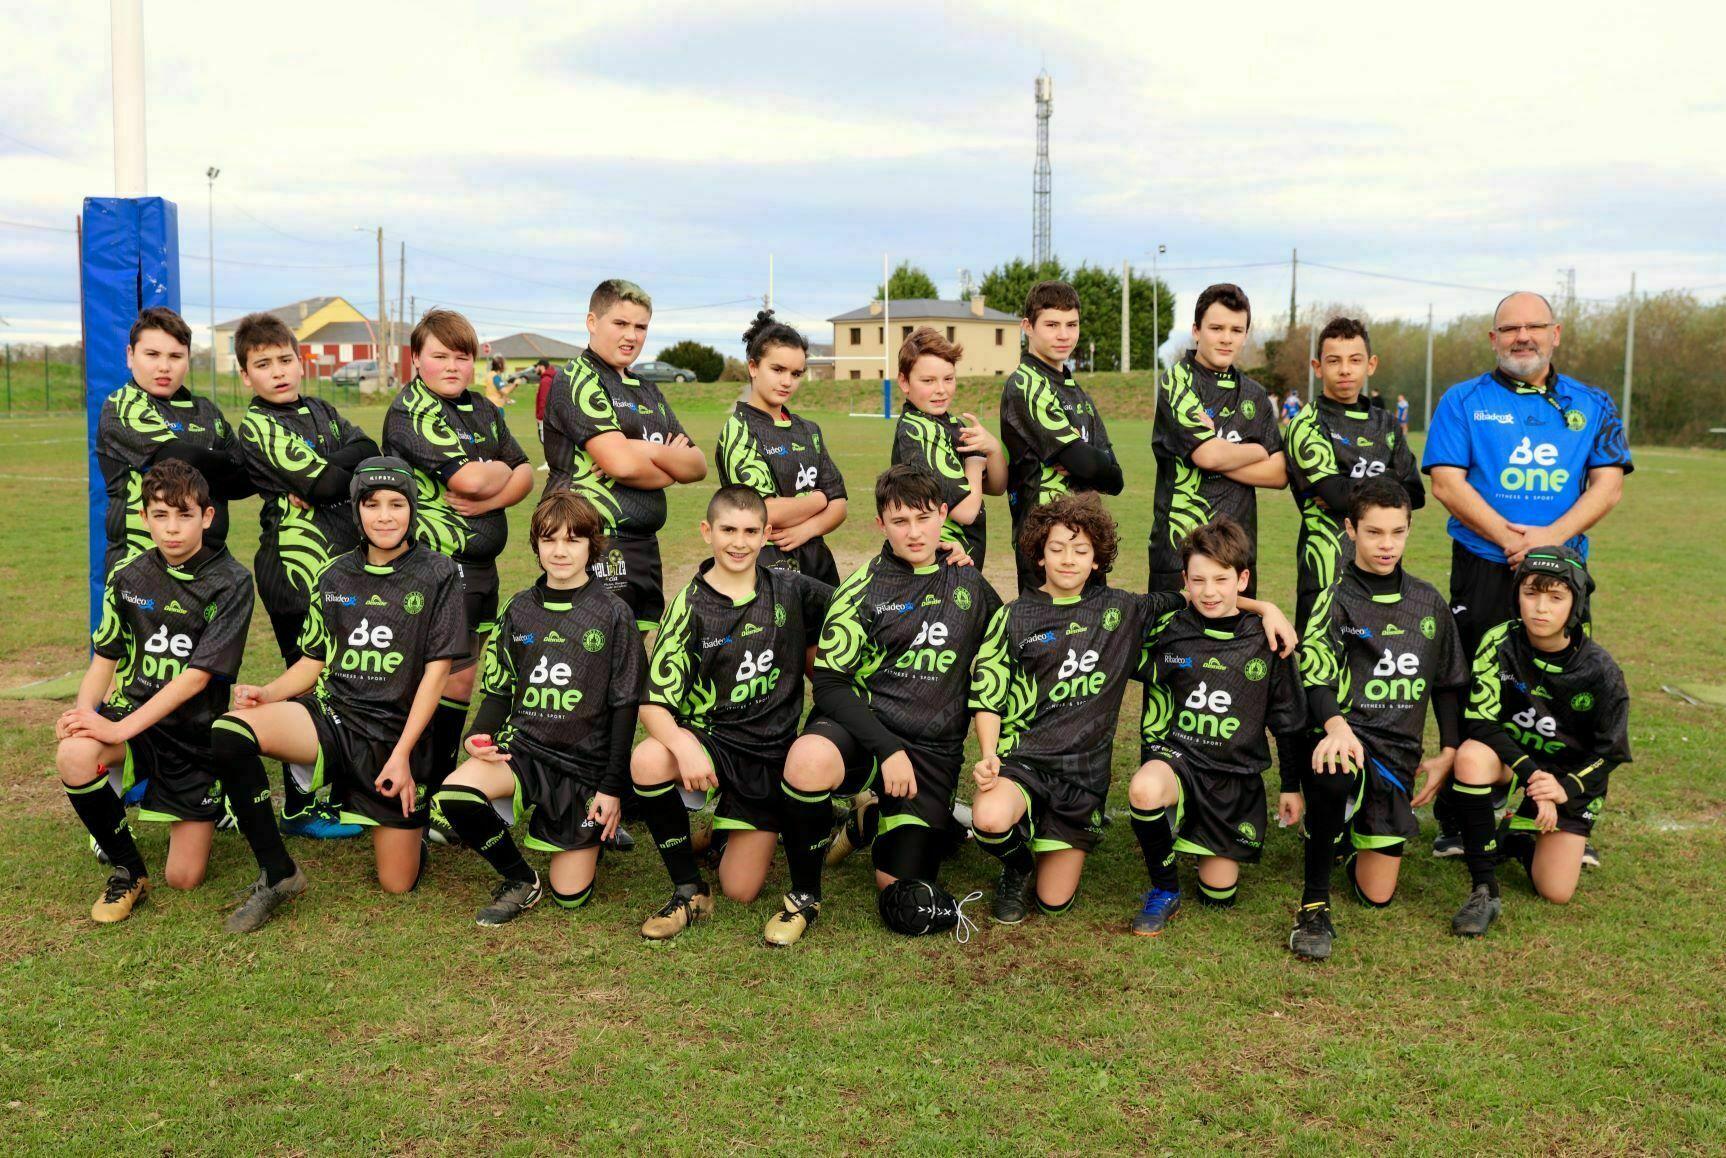 El Beone Rugby se encuentra finalizando las dos competiciones en las que participa